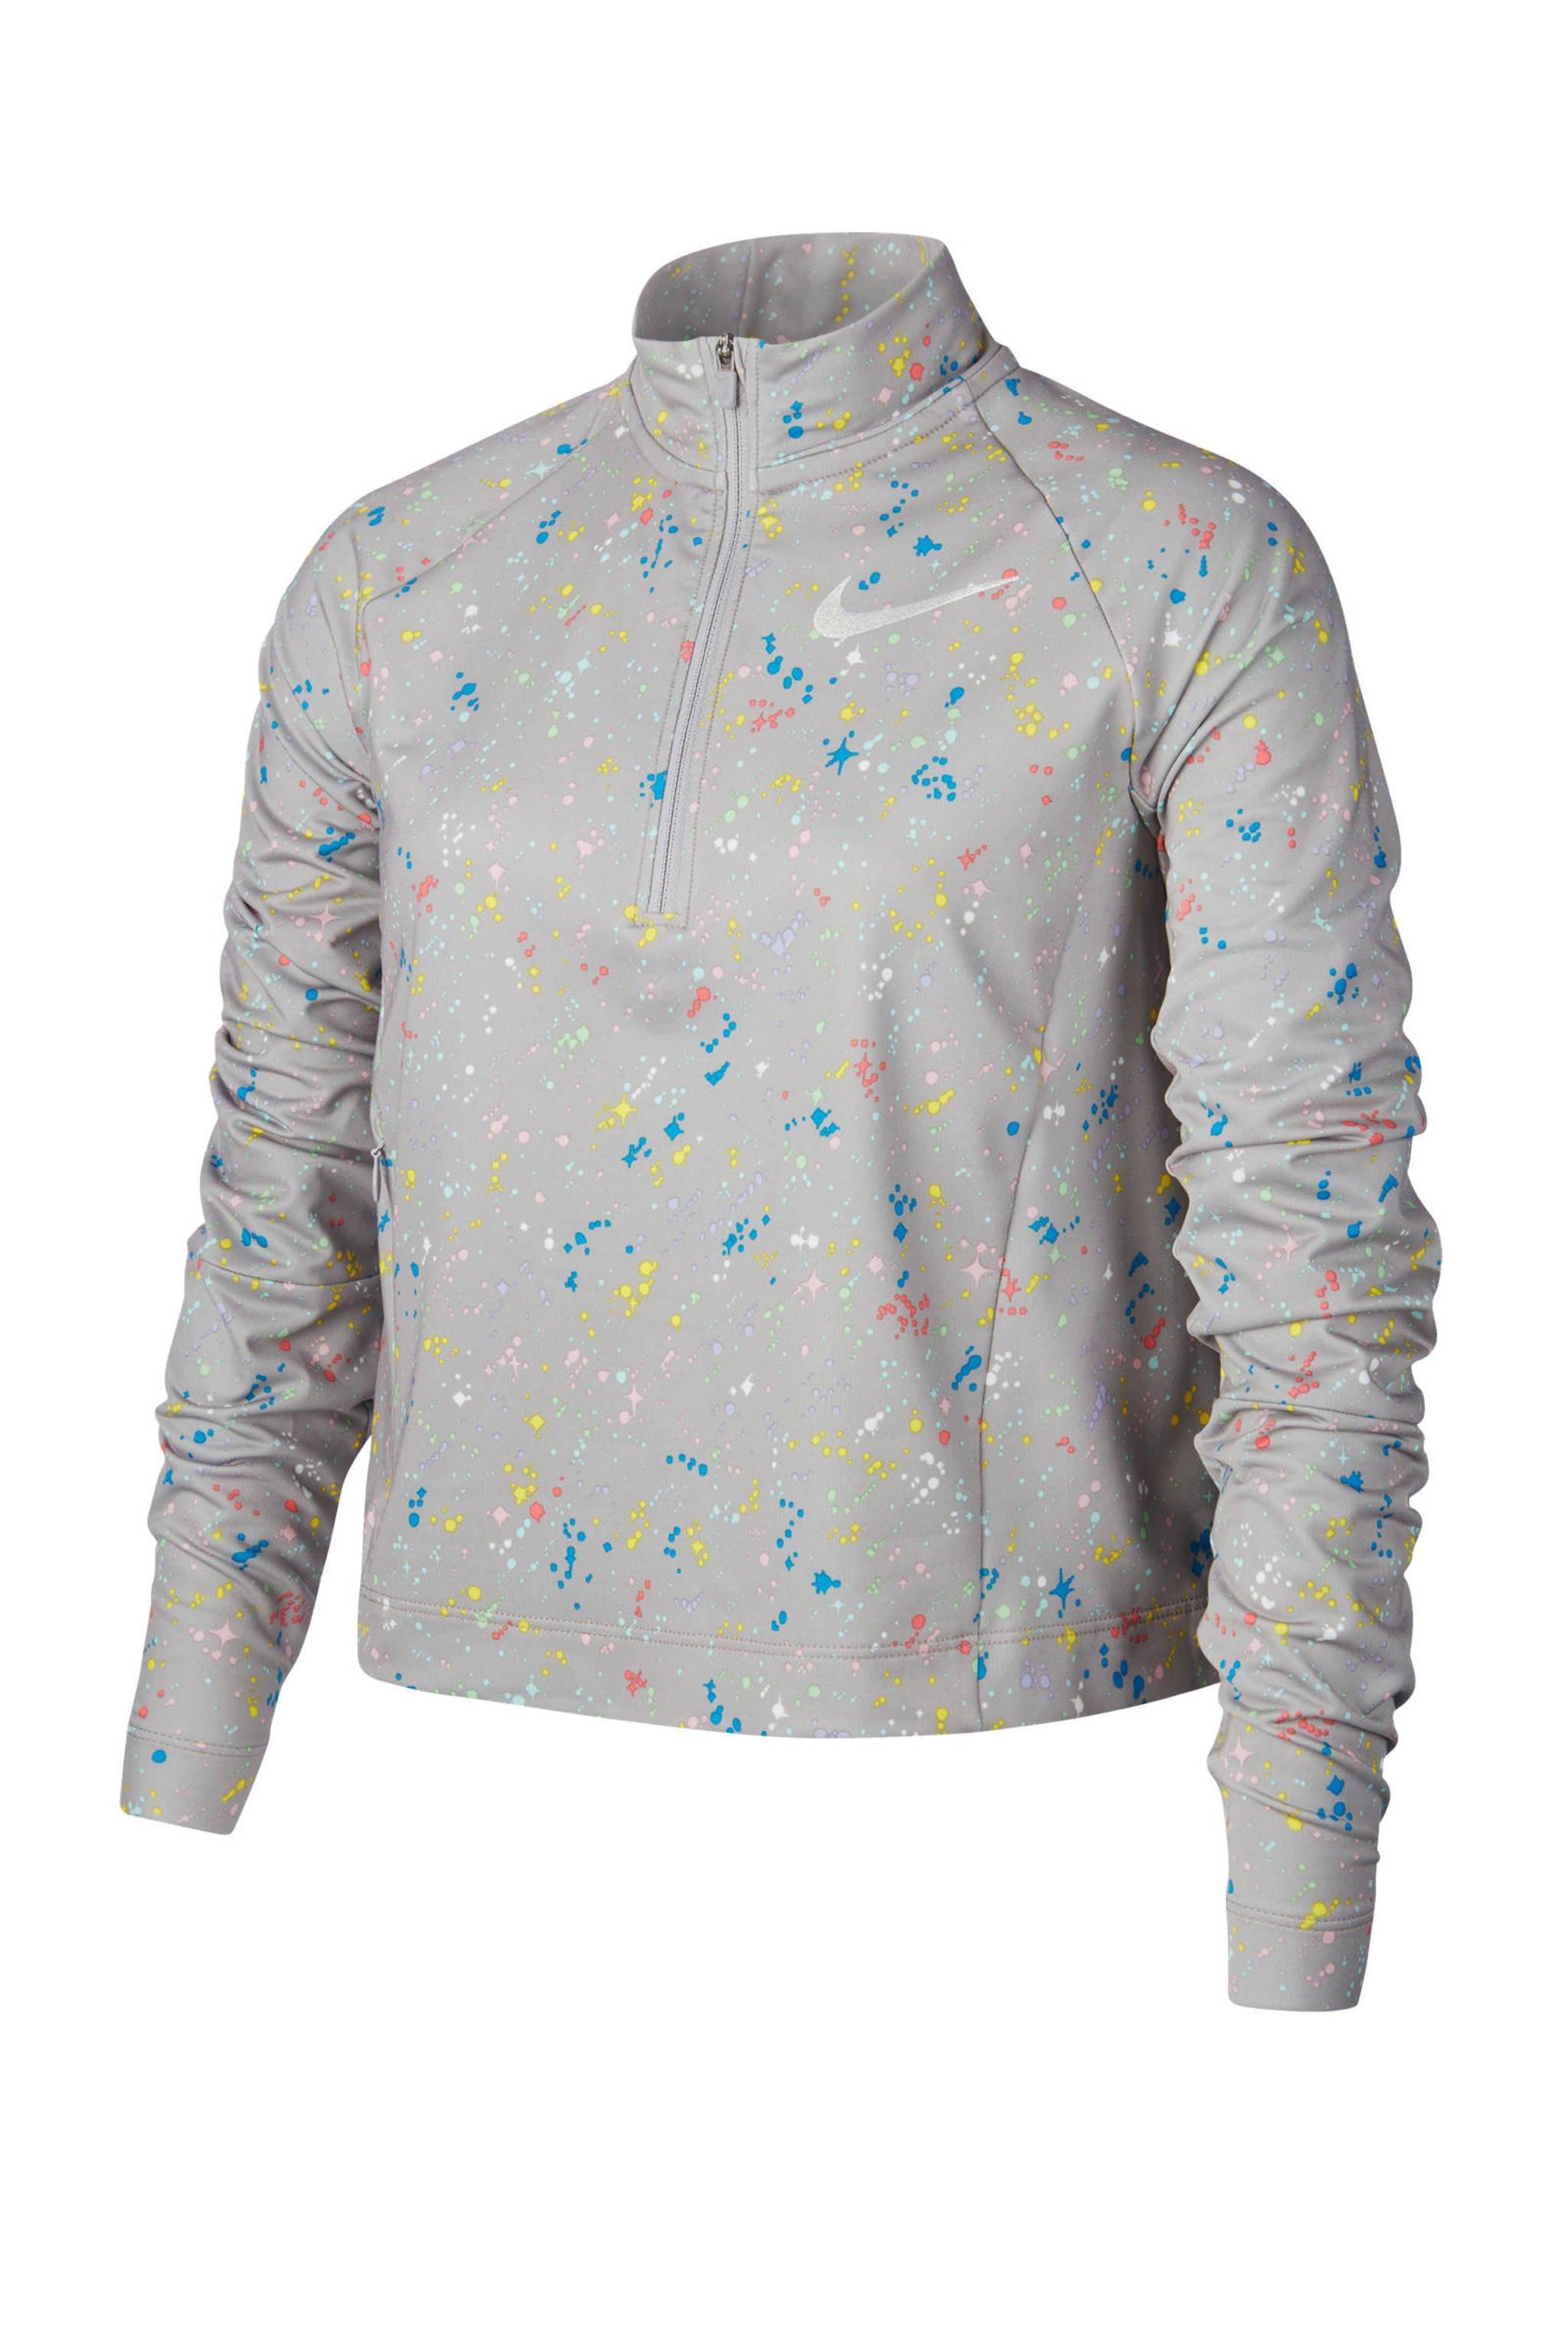 Nike meisjes sweater @ Wehkamp